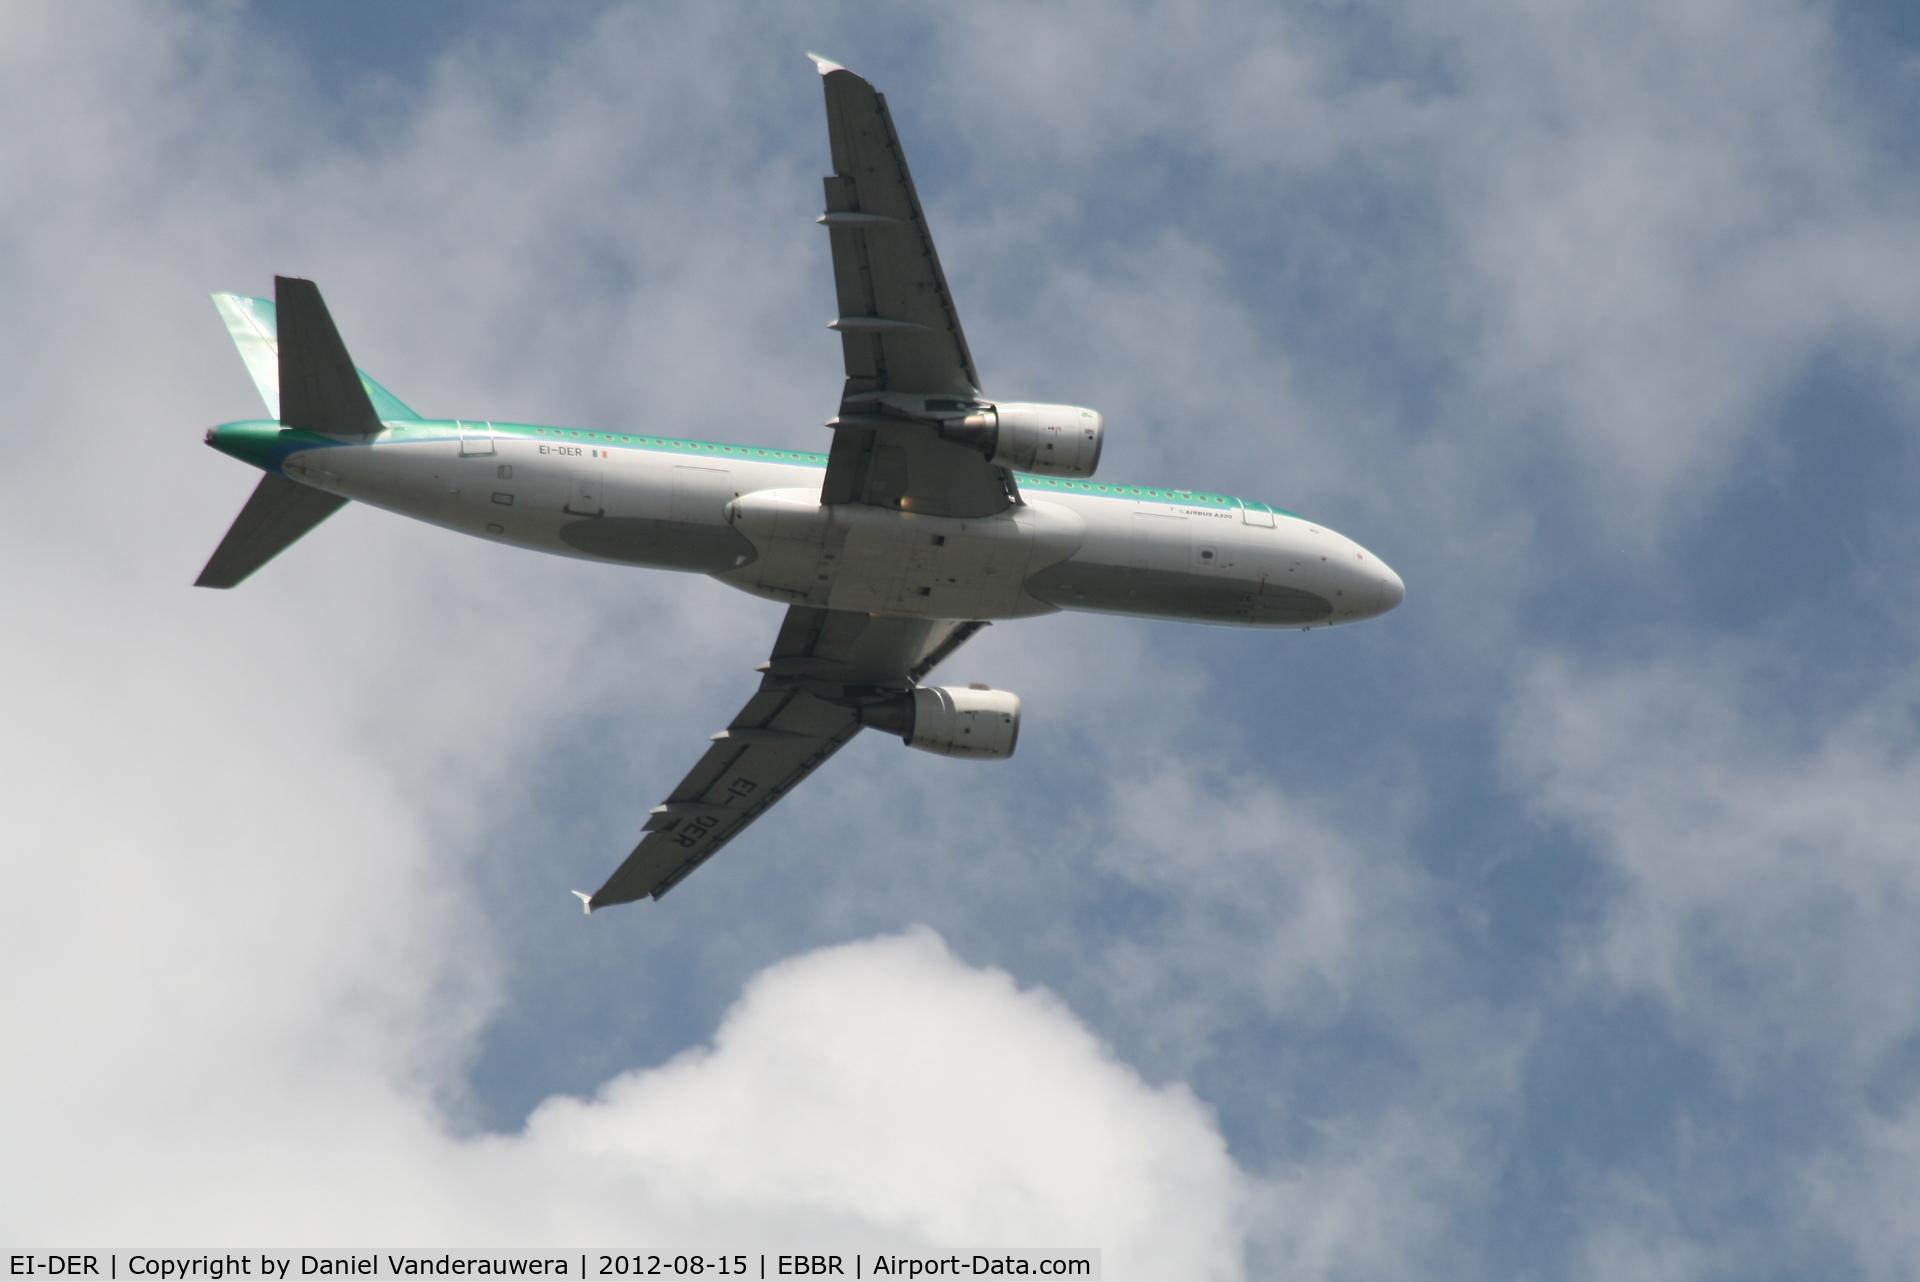 EI-DER, 2005 Airbus A320-214 C/N 2583, Flight EI846 on approach to RWY 07L